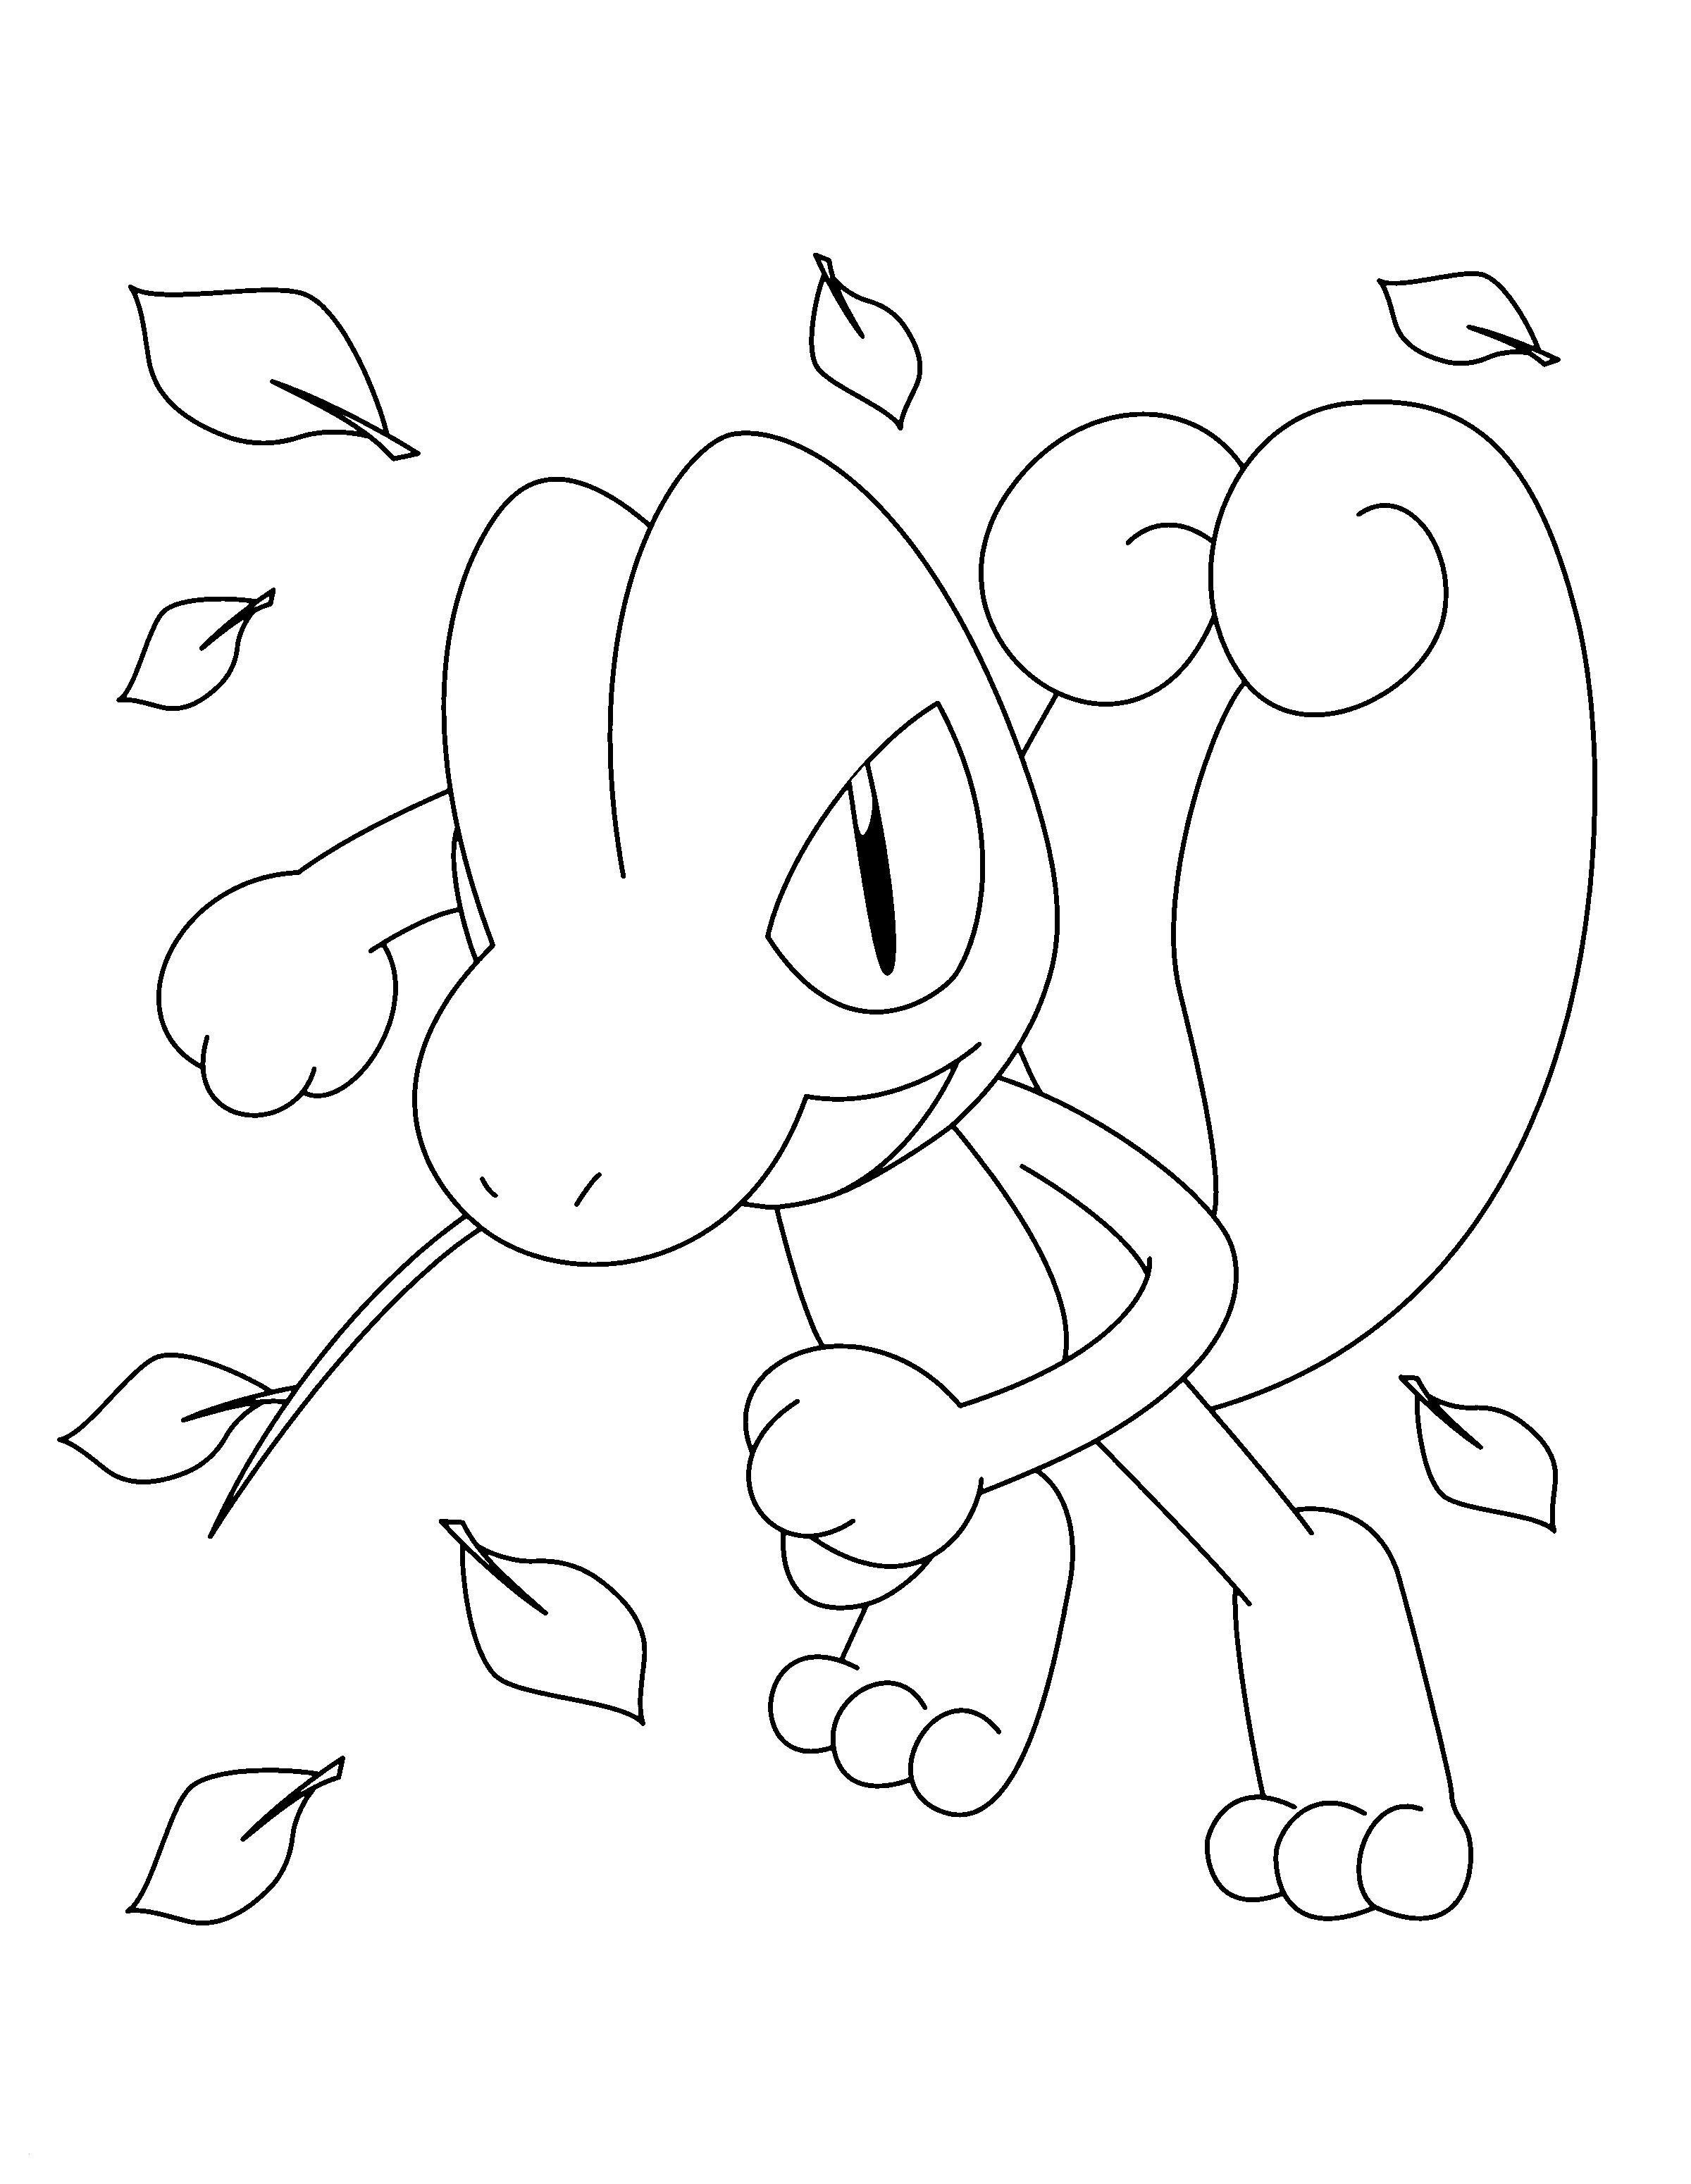 Ausmalbilder Pokemon Ausdrucken Neu Ausmalbilder Pokemon Xy Beau Collection Verschiedene Bilder Sammlung